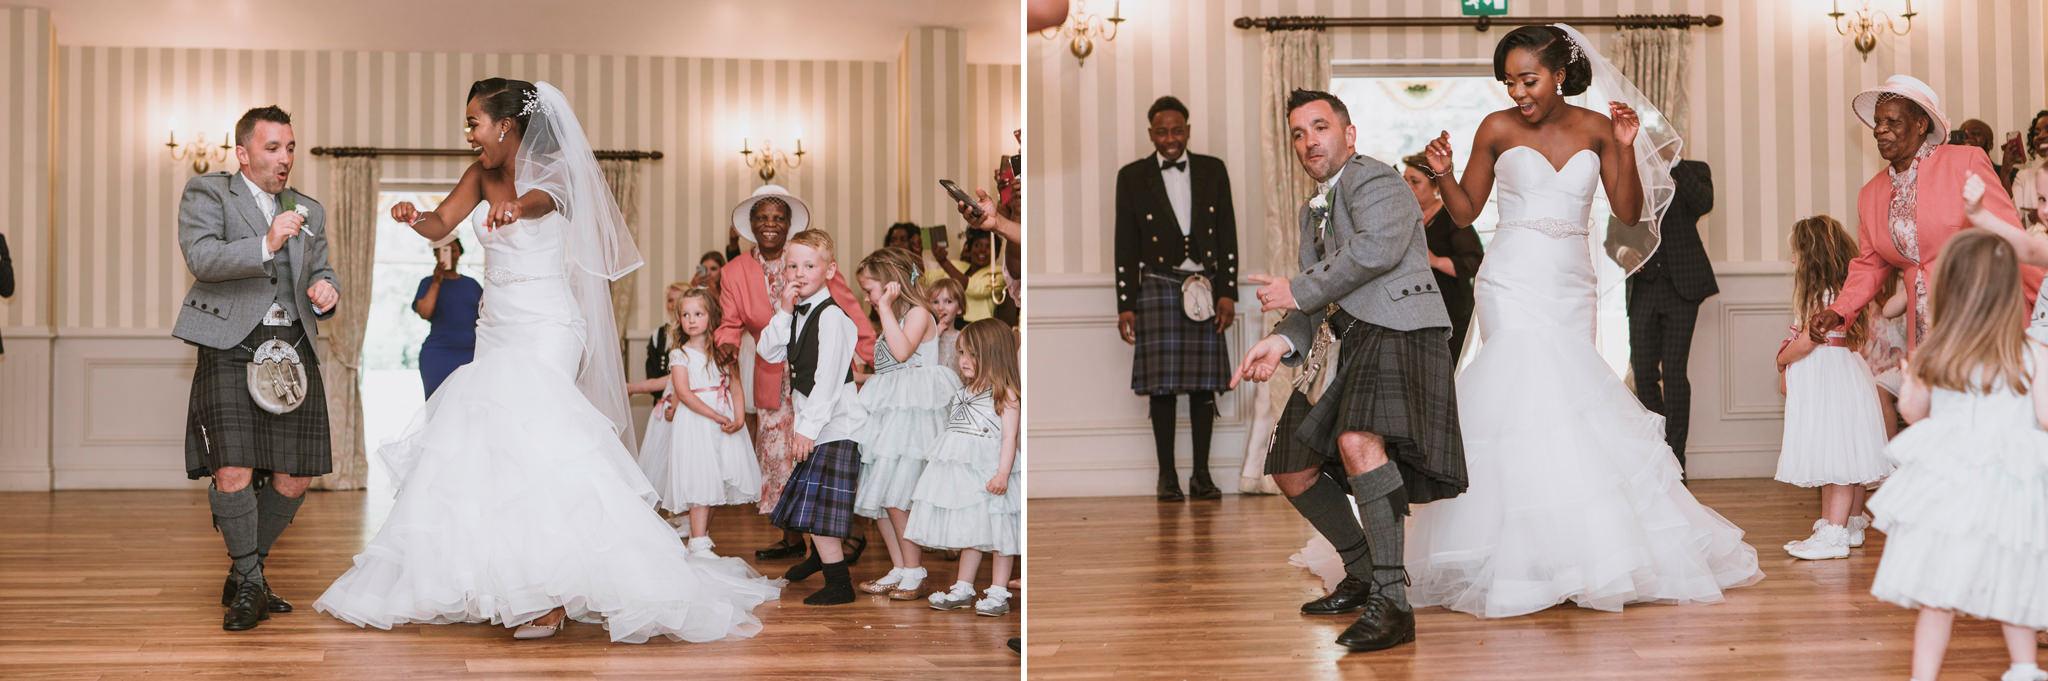 scotland-wedding-elopement-photographer-074.jpg